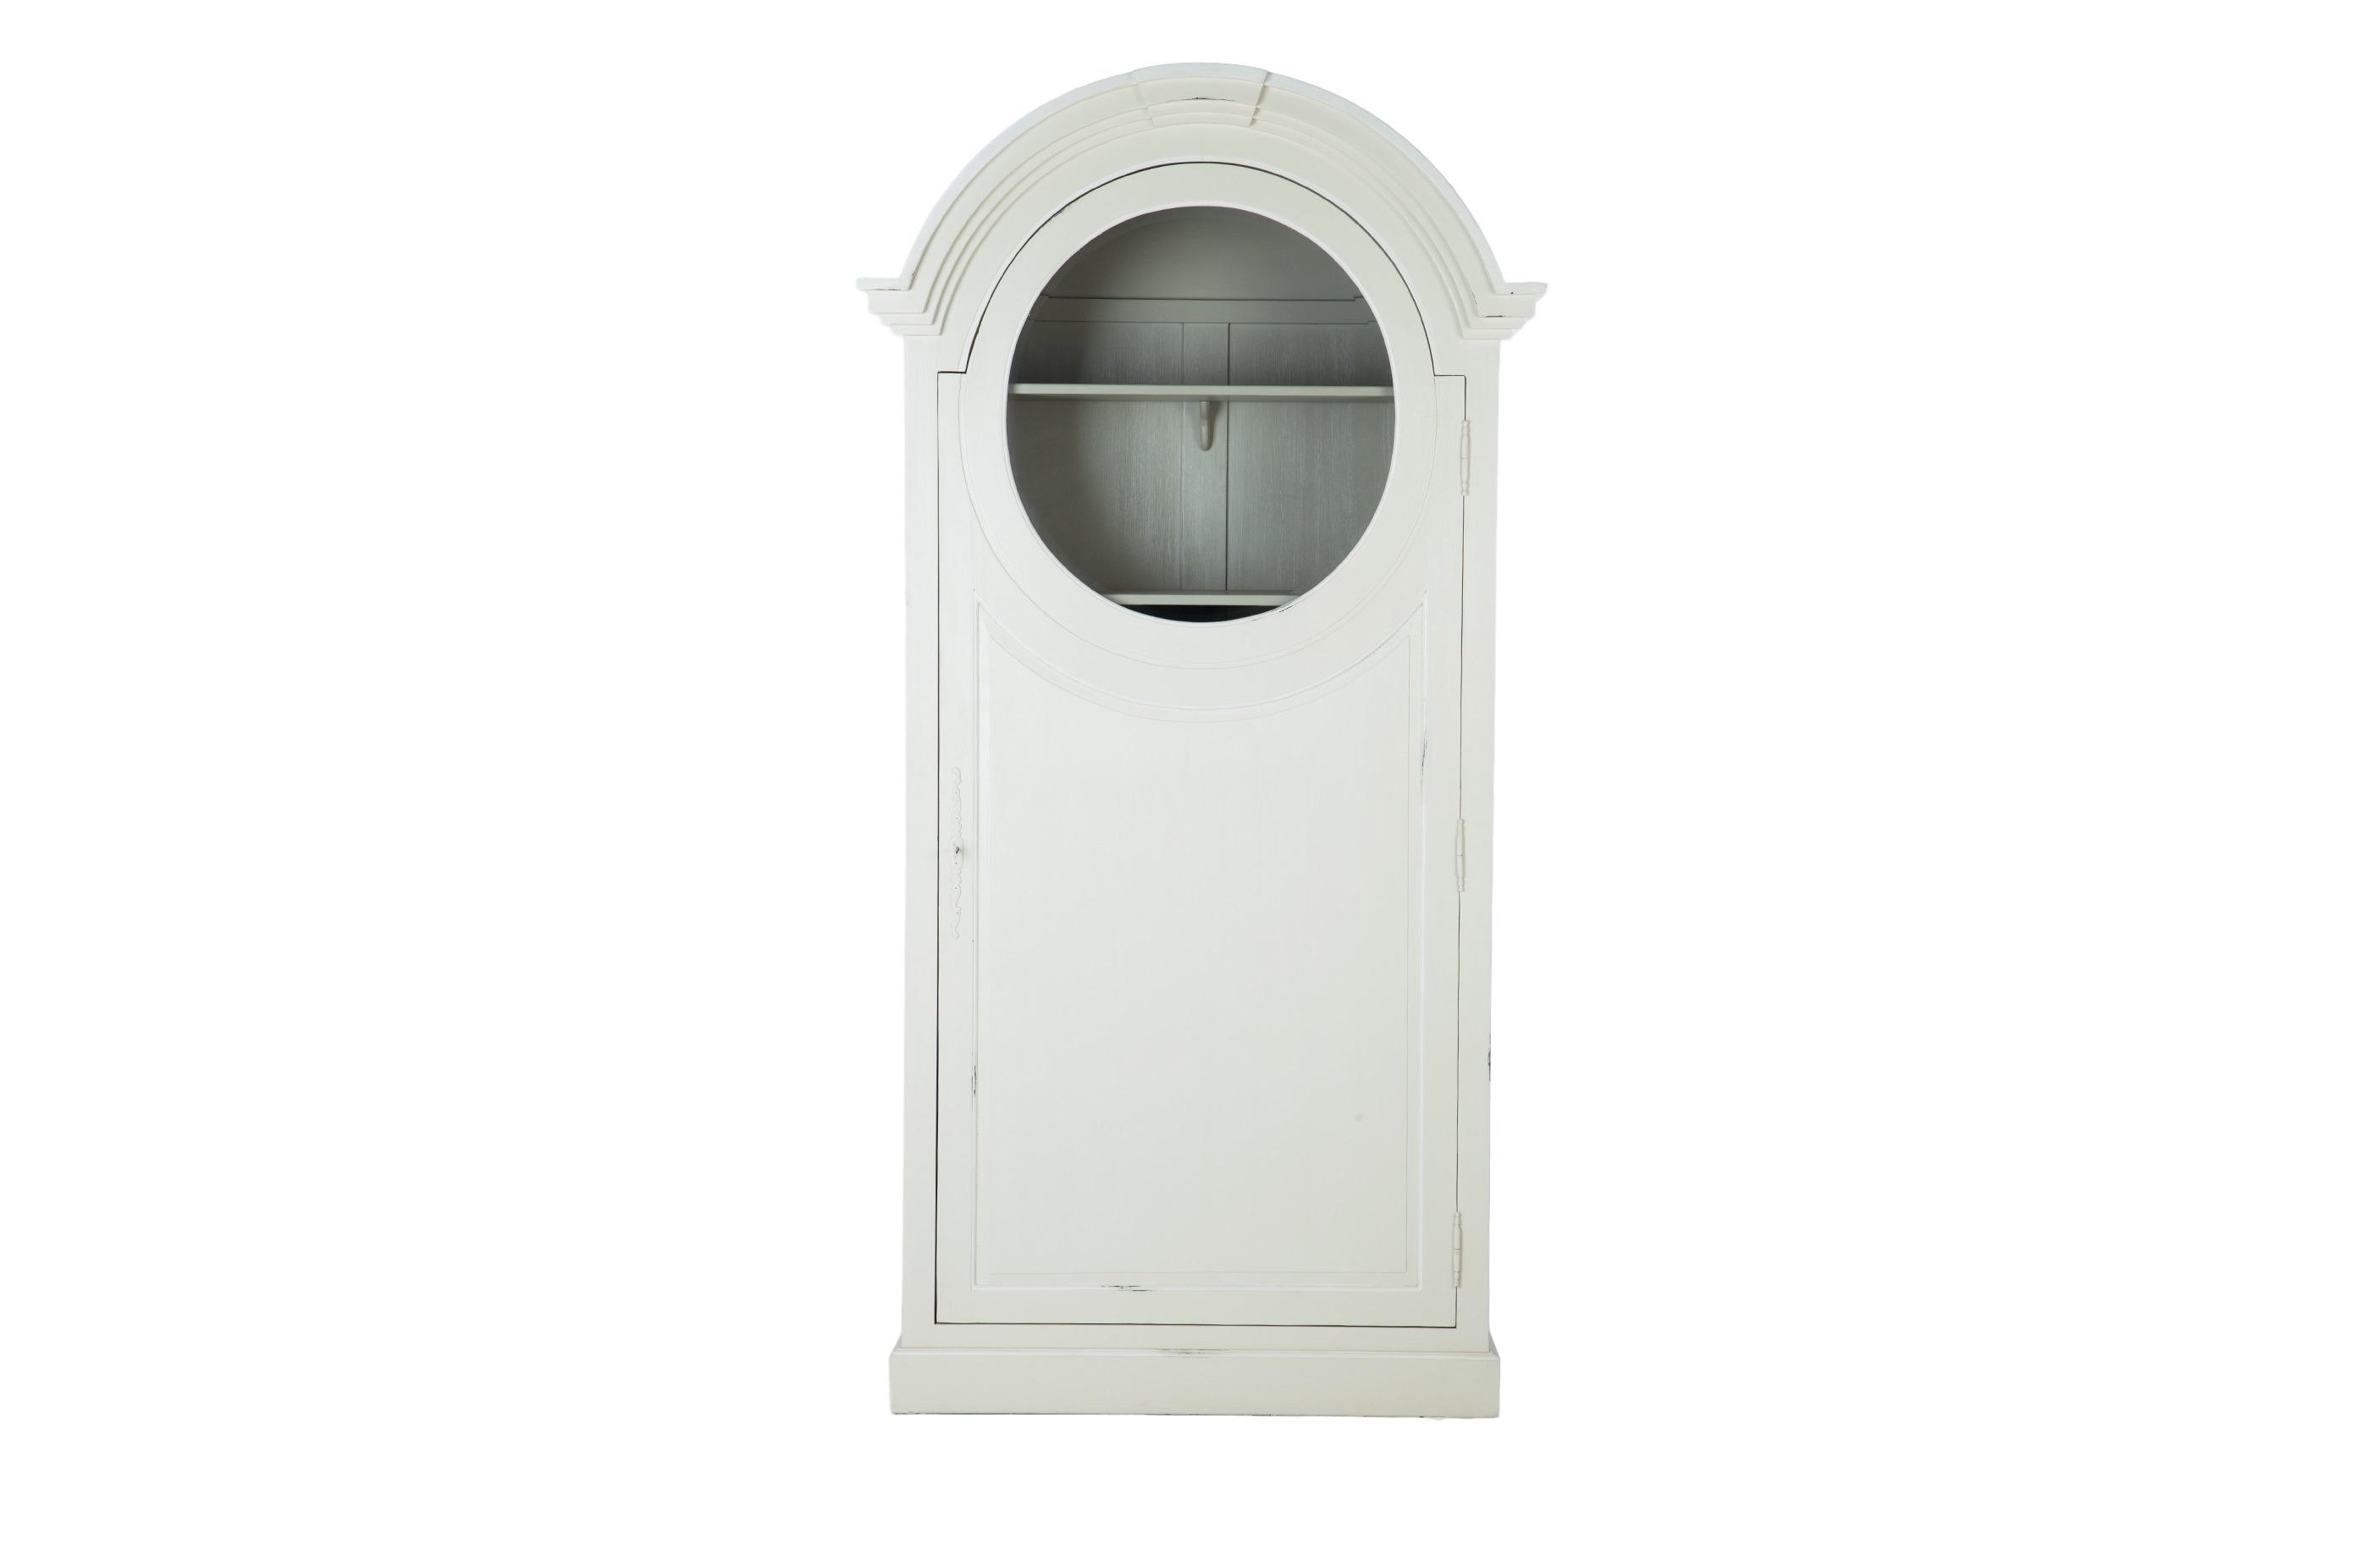 Шкаф БонитьерВитрины<br>Шкаф из дерева махагони, декорирован старением. Пять полочек и 2 выдвижных ящика внутри. Дверца украшена круглым стеклом. В наличии два варианта: полностью серый или сочетание светло-серого снаружи и темно-серого внутри.&amp;lt;div&amp;gt;&amp;lt;br&amp;gt;&amp;lt;/div&amp;gt;&amp;lt;div&amp;gt;&amp;lt;br&amp;gt;&amp;lt;/div&amp;gt;<br><br>Material: Красное дерево<br>Width см: 117<br>Depth см: 50<br>Height см: 230